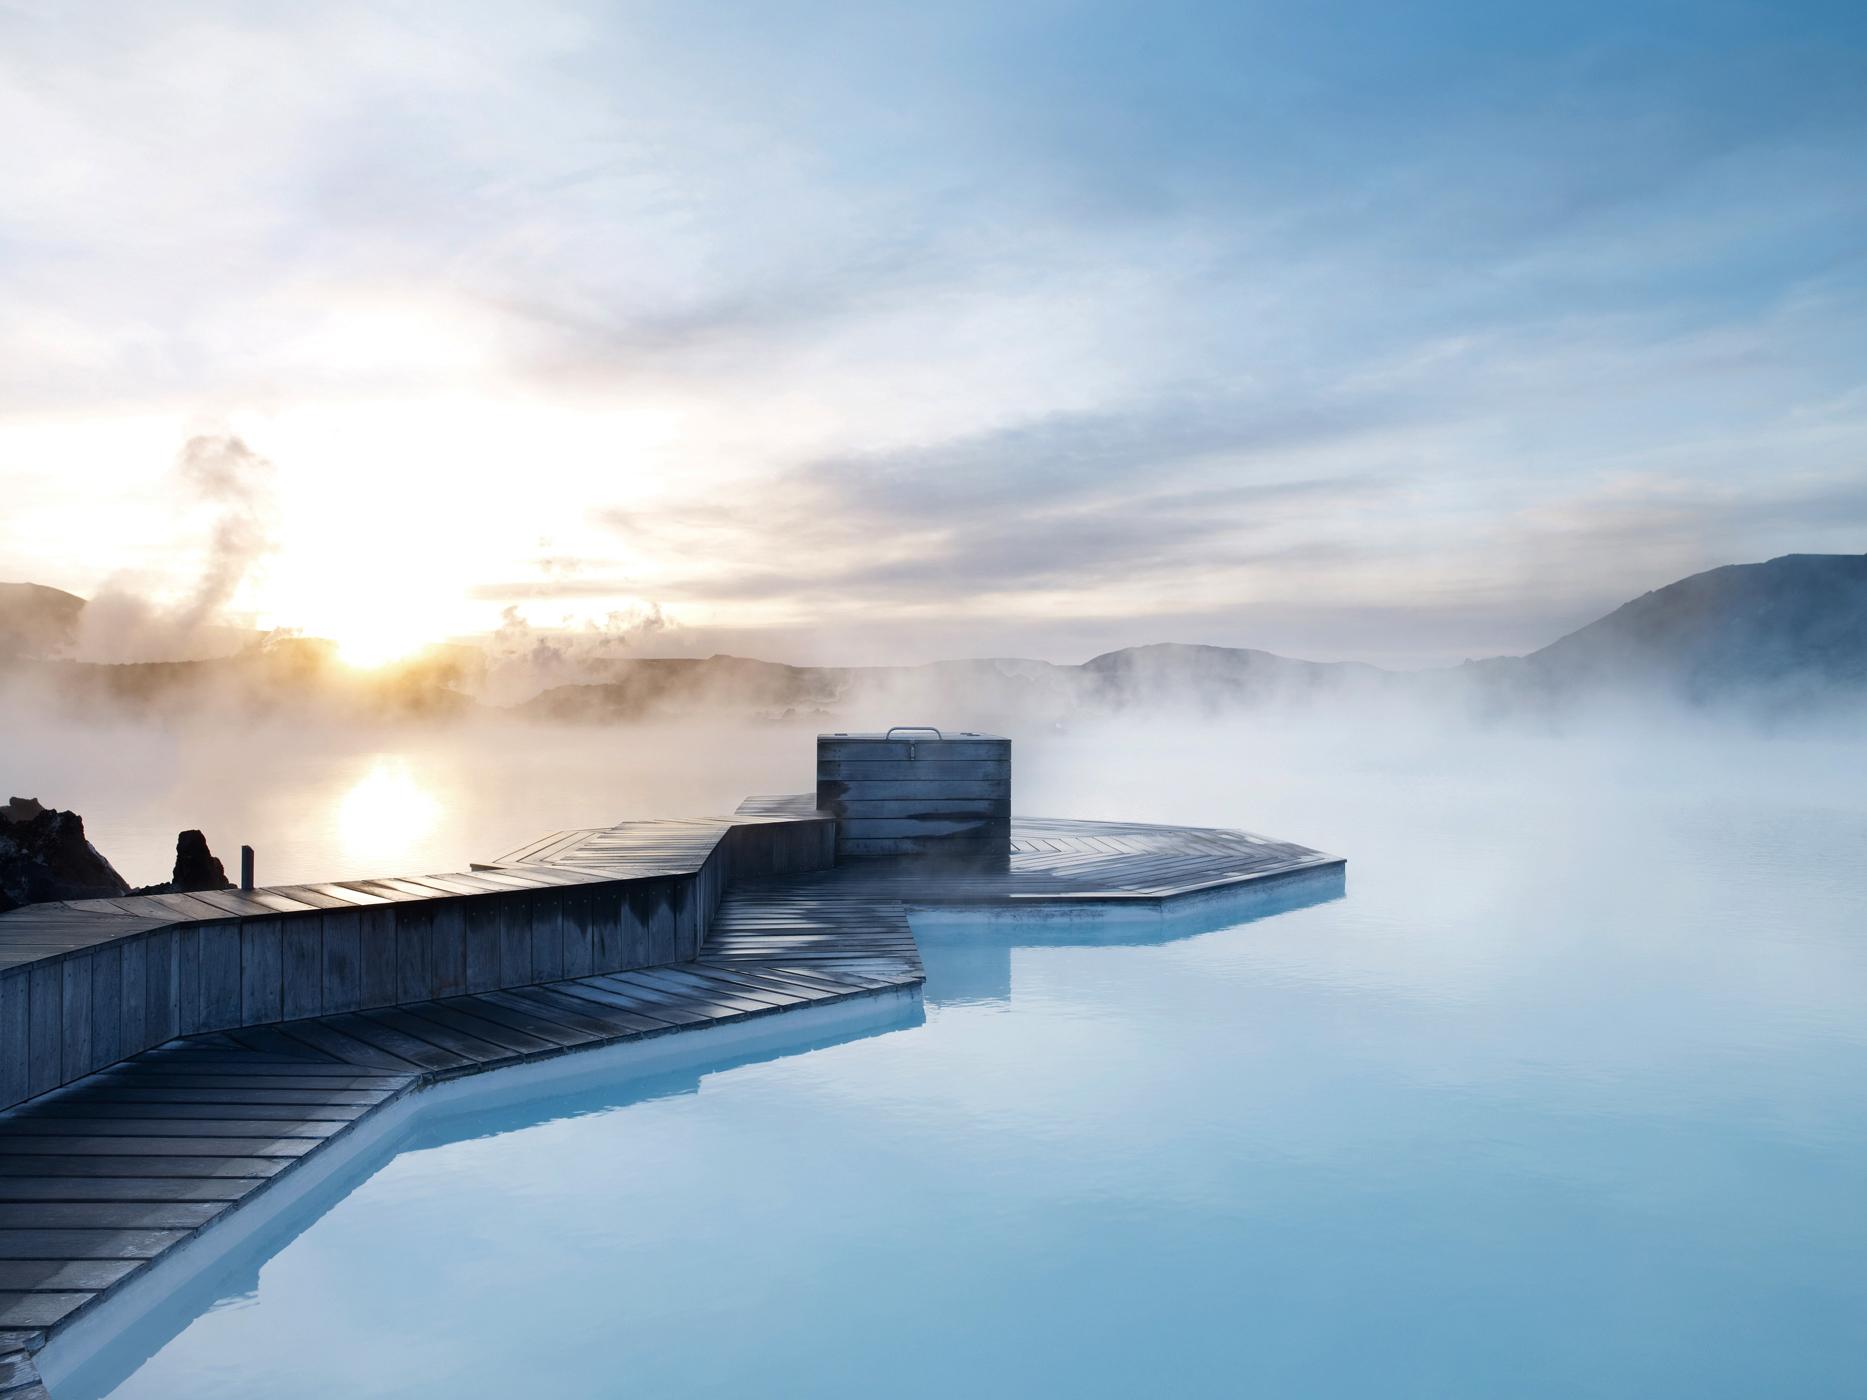 蔚蓝而纯净的冰岛蓝湖温泉上飘扬着迷蒙的水雾。